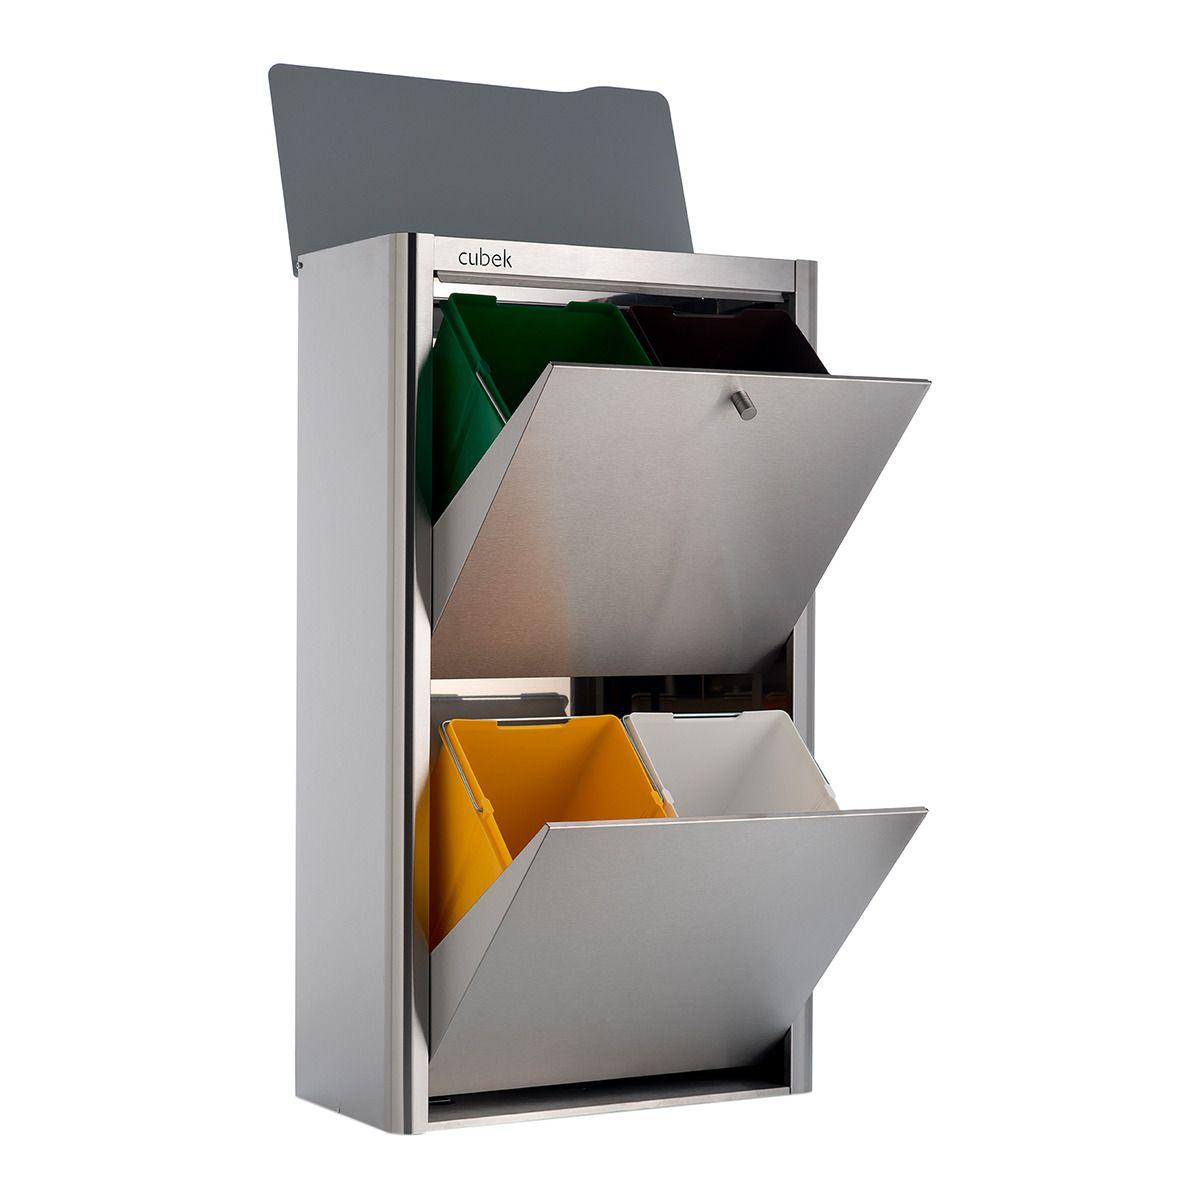 Cubo De Basura Para Reciclar 4 X 20l Cubek Inox Don Hierro Hogar  # Muebles Zapateros El Corte Ingles